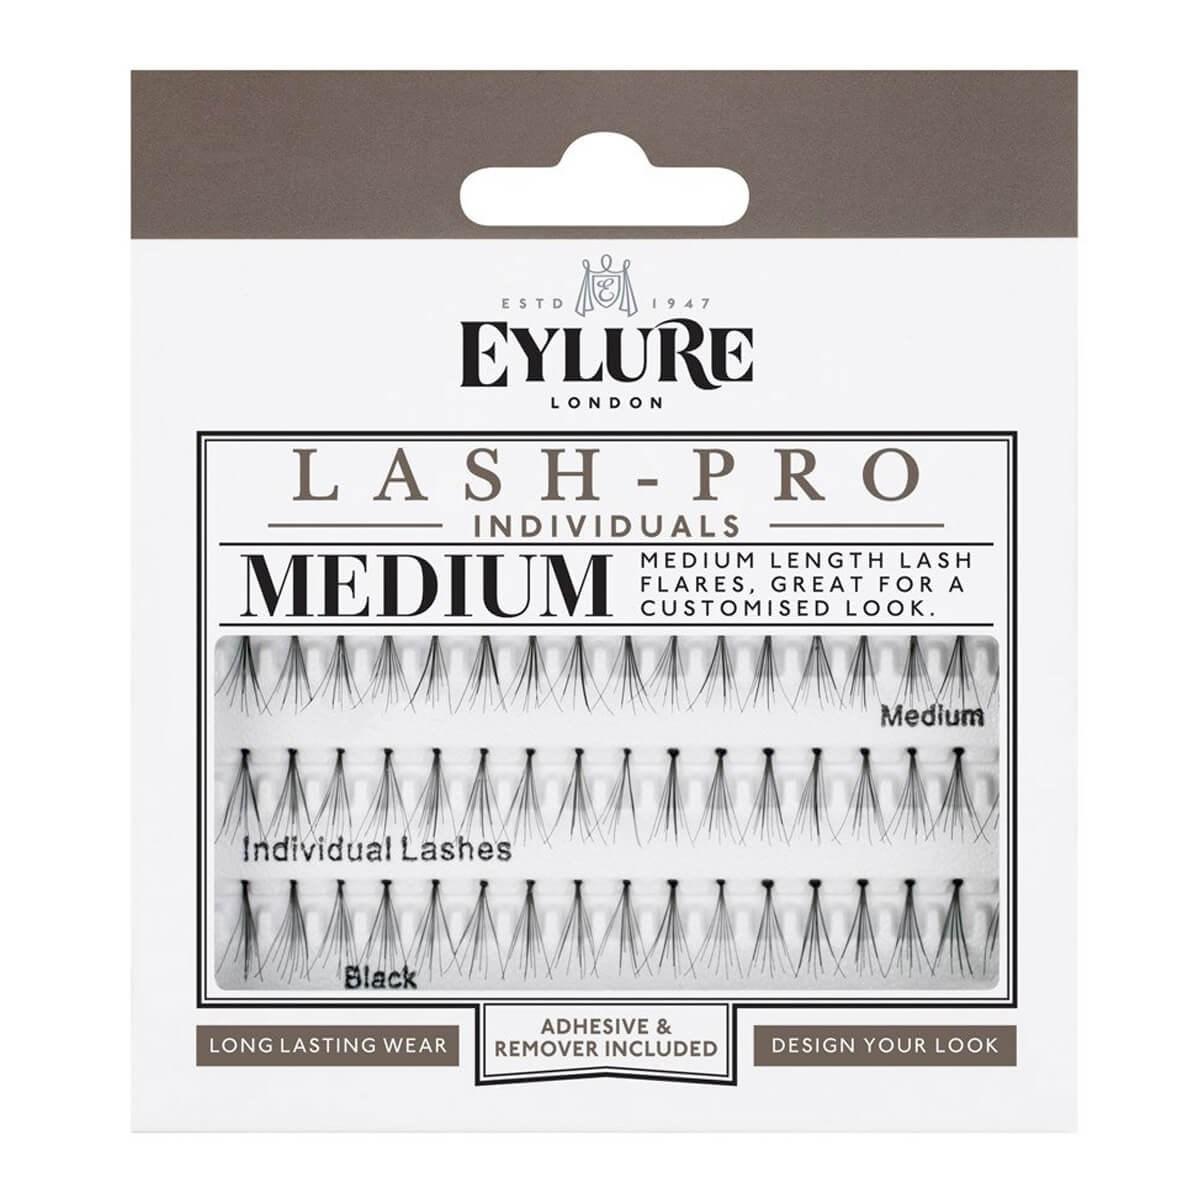 Eylure Pro-Lash Individuals Lashes - Medium